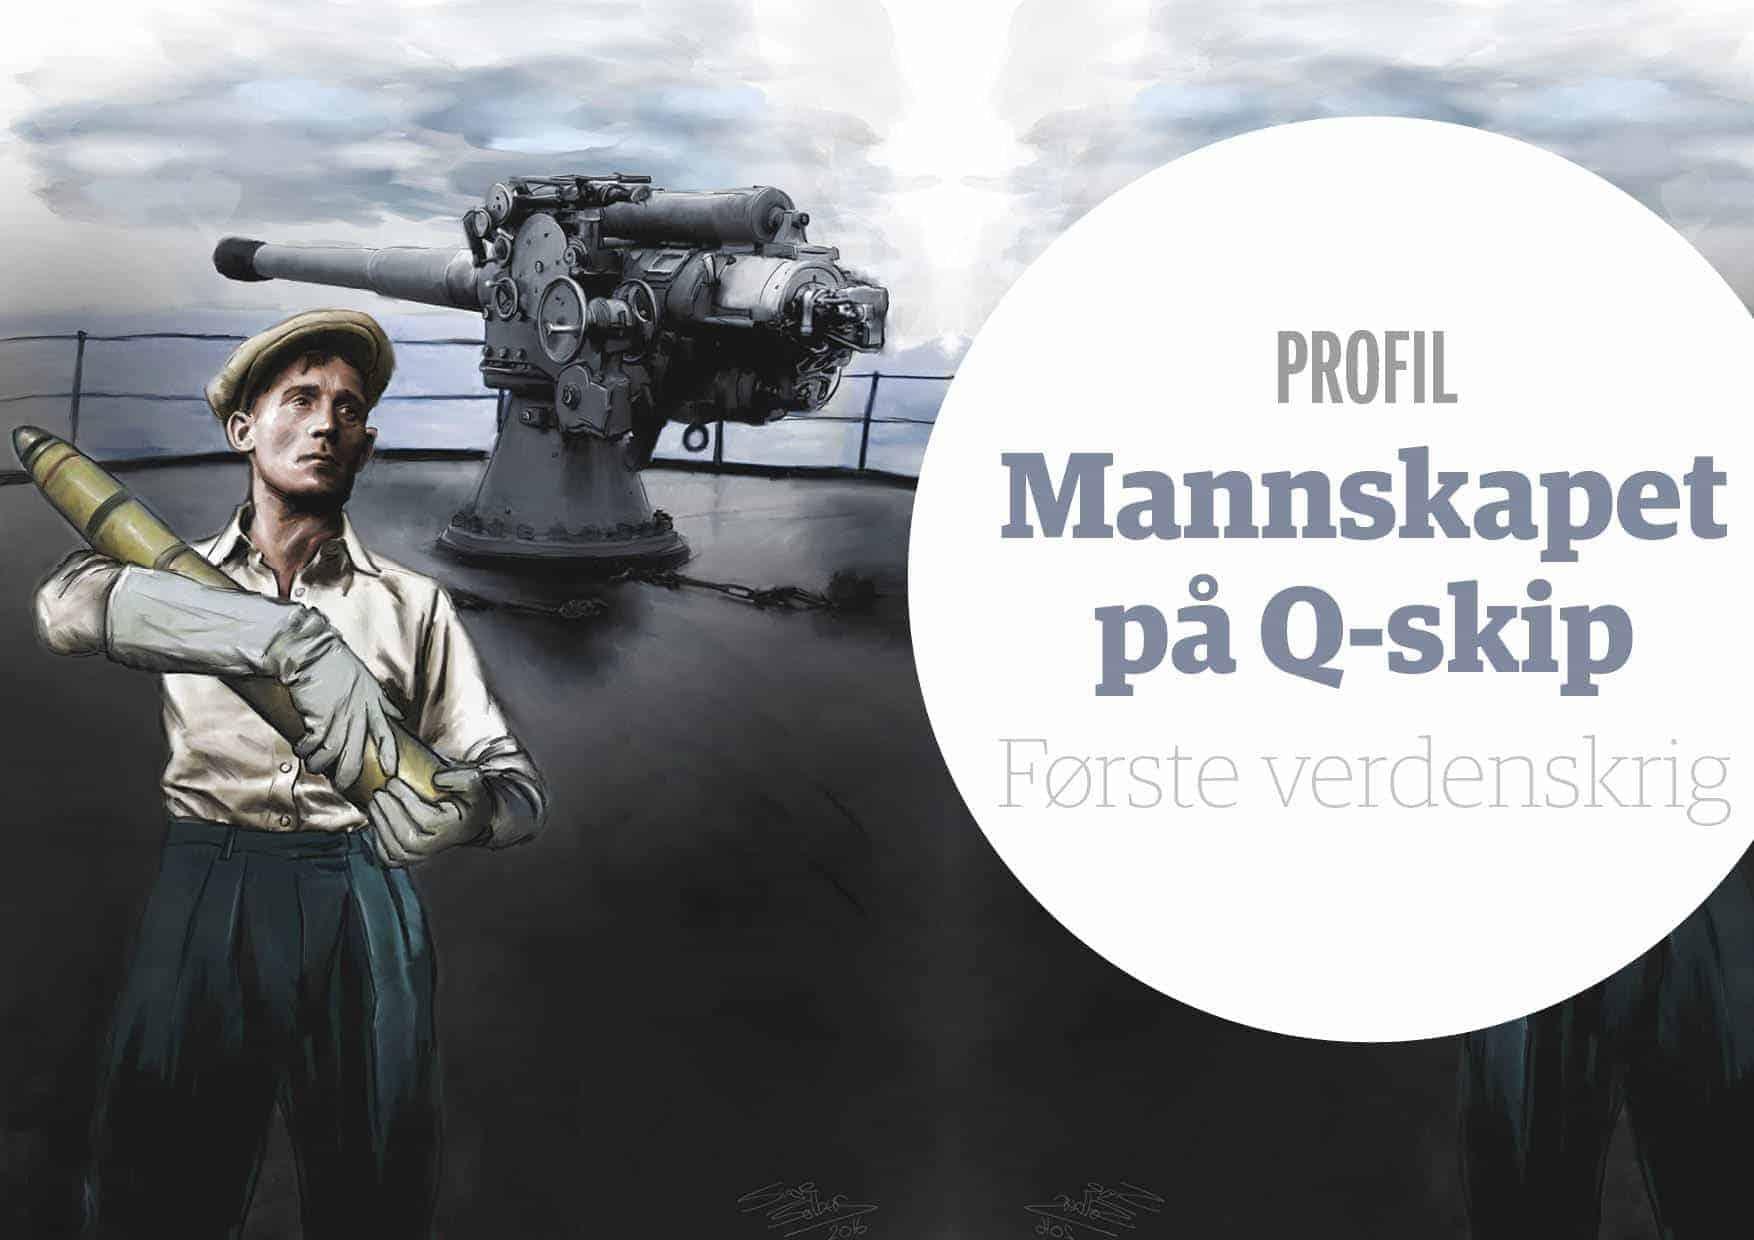 Profil: Mannskapet på Q-skip